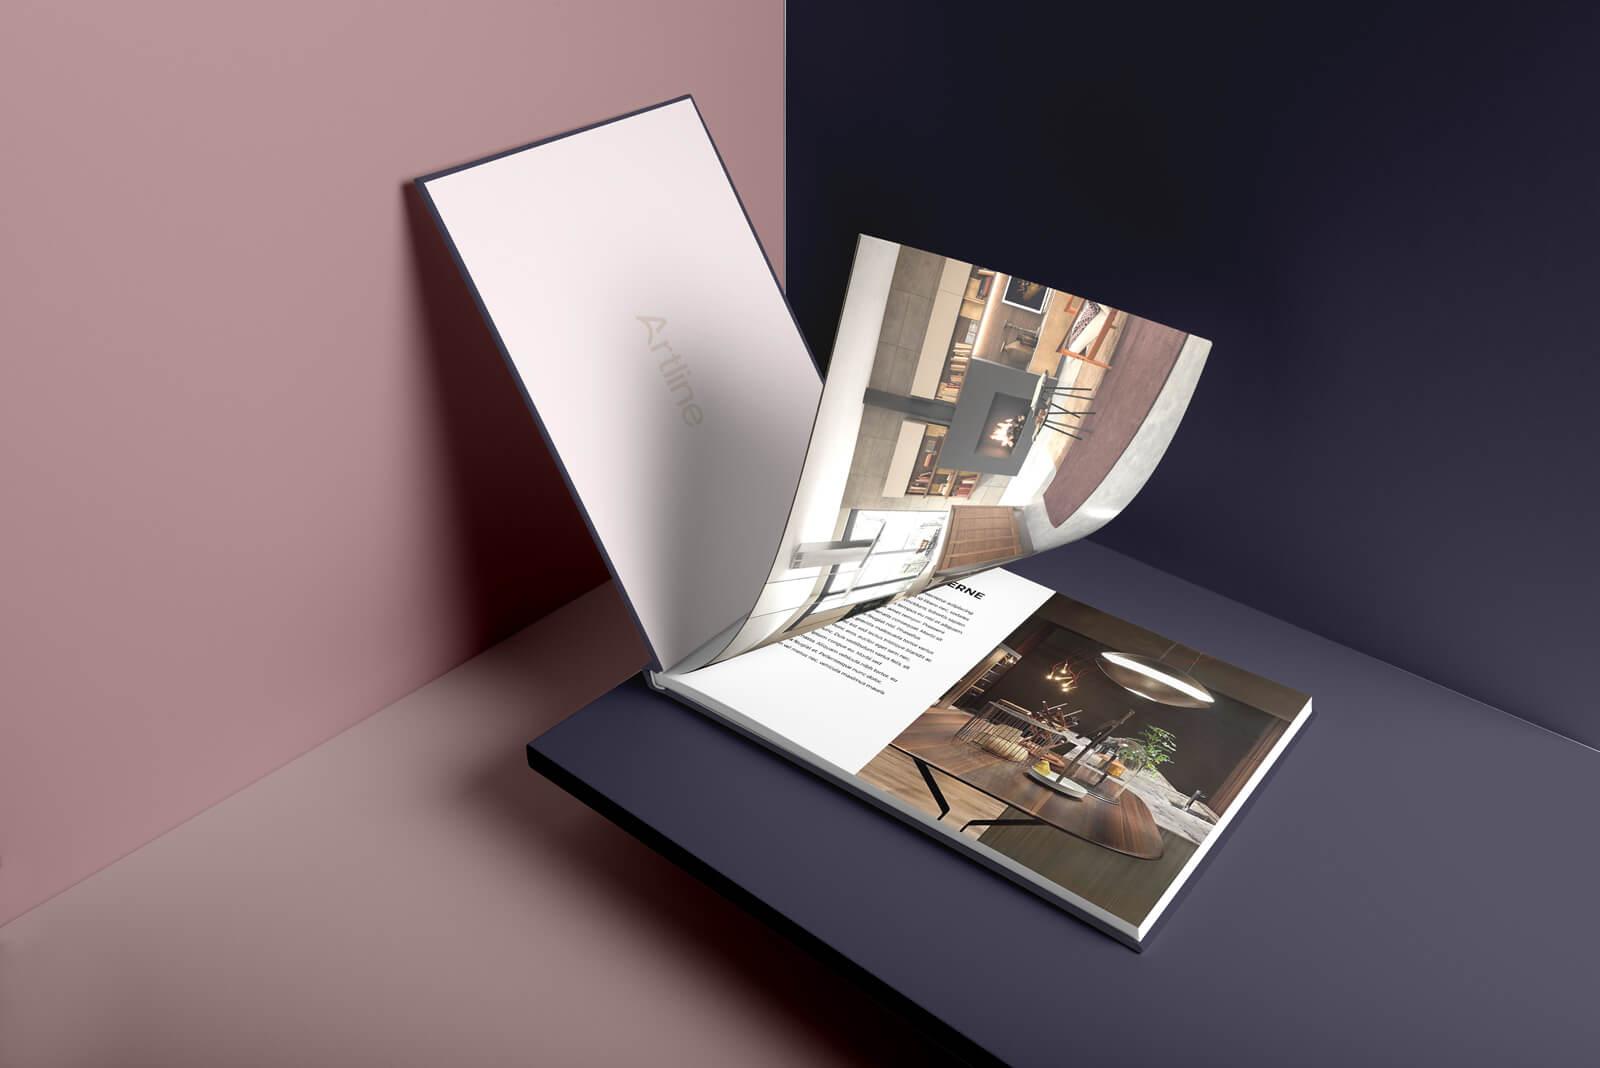 Catalogue intérieur design identité visuelle intérieur Identité Artline intérieur art9